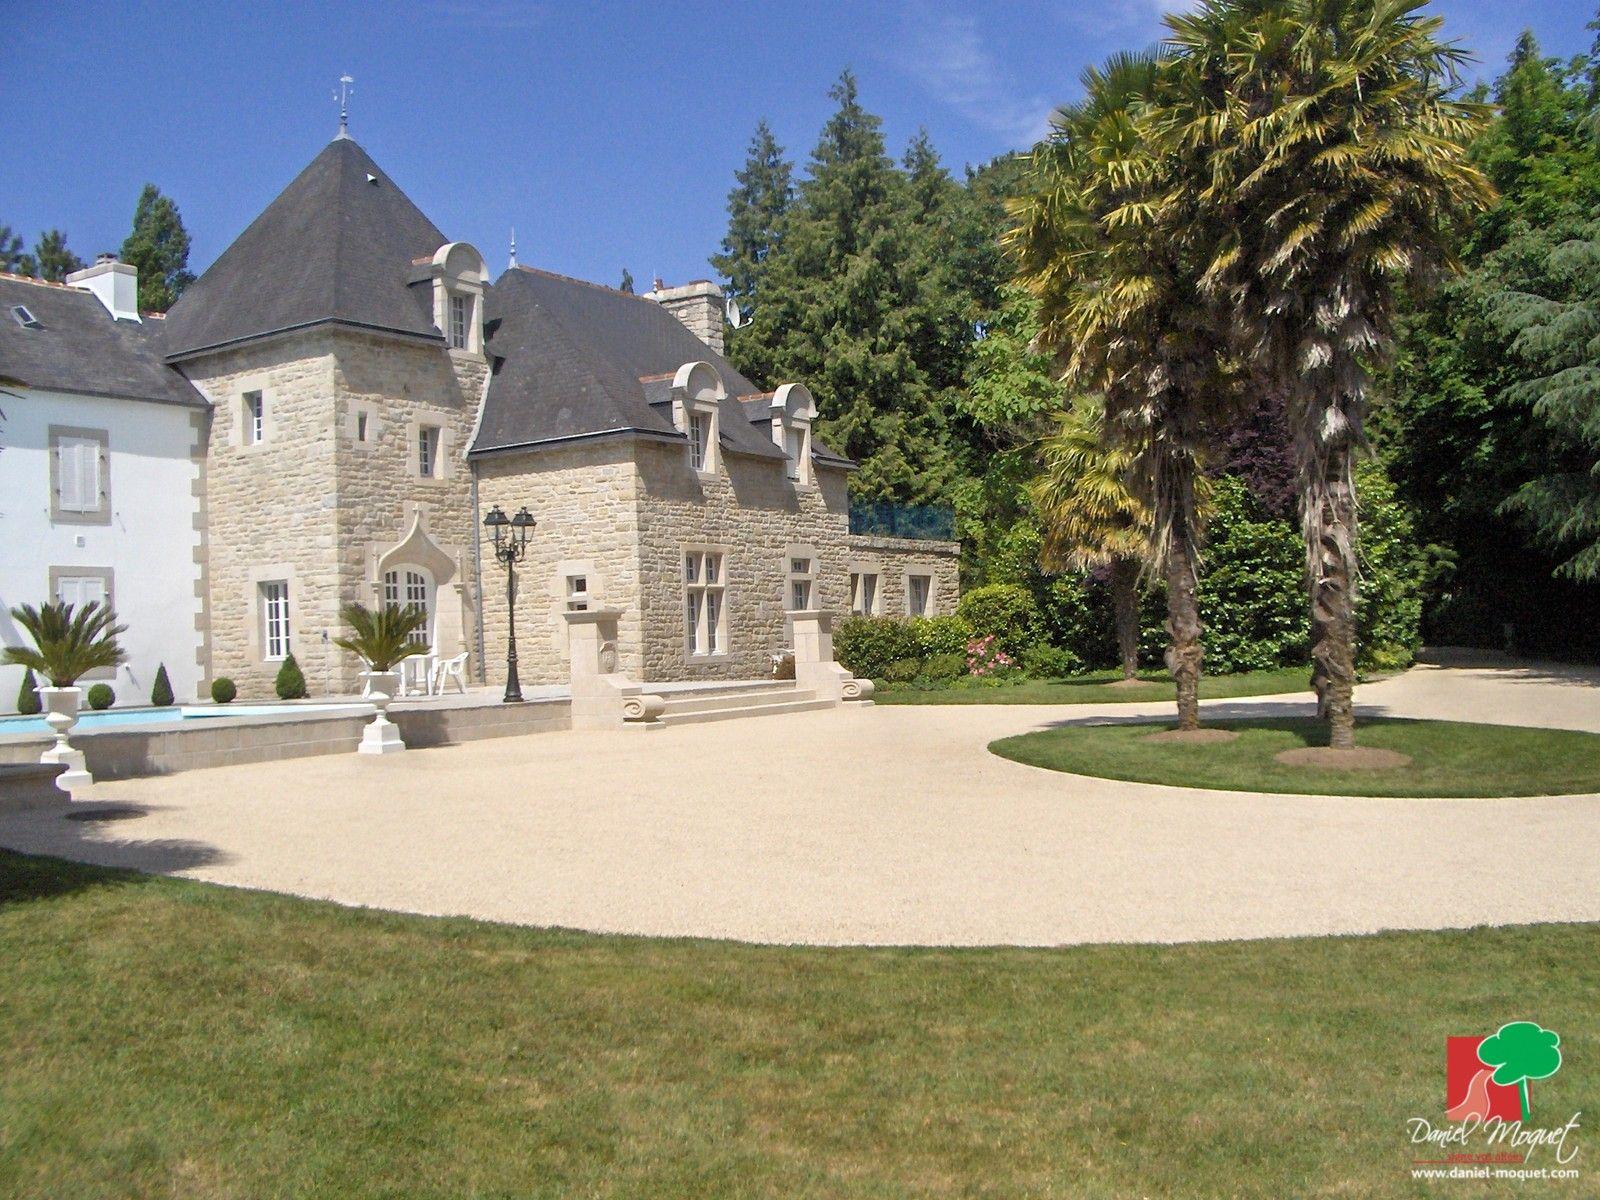 parc d 39 un chateau alv ostar pinterest beton d sactiv enrob et jardin de terrasse. Black Bedroom Furniture Sets. Home Design Ideas